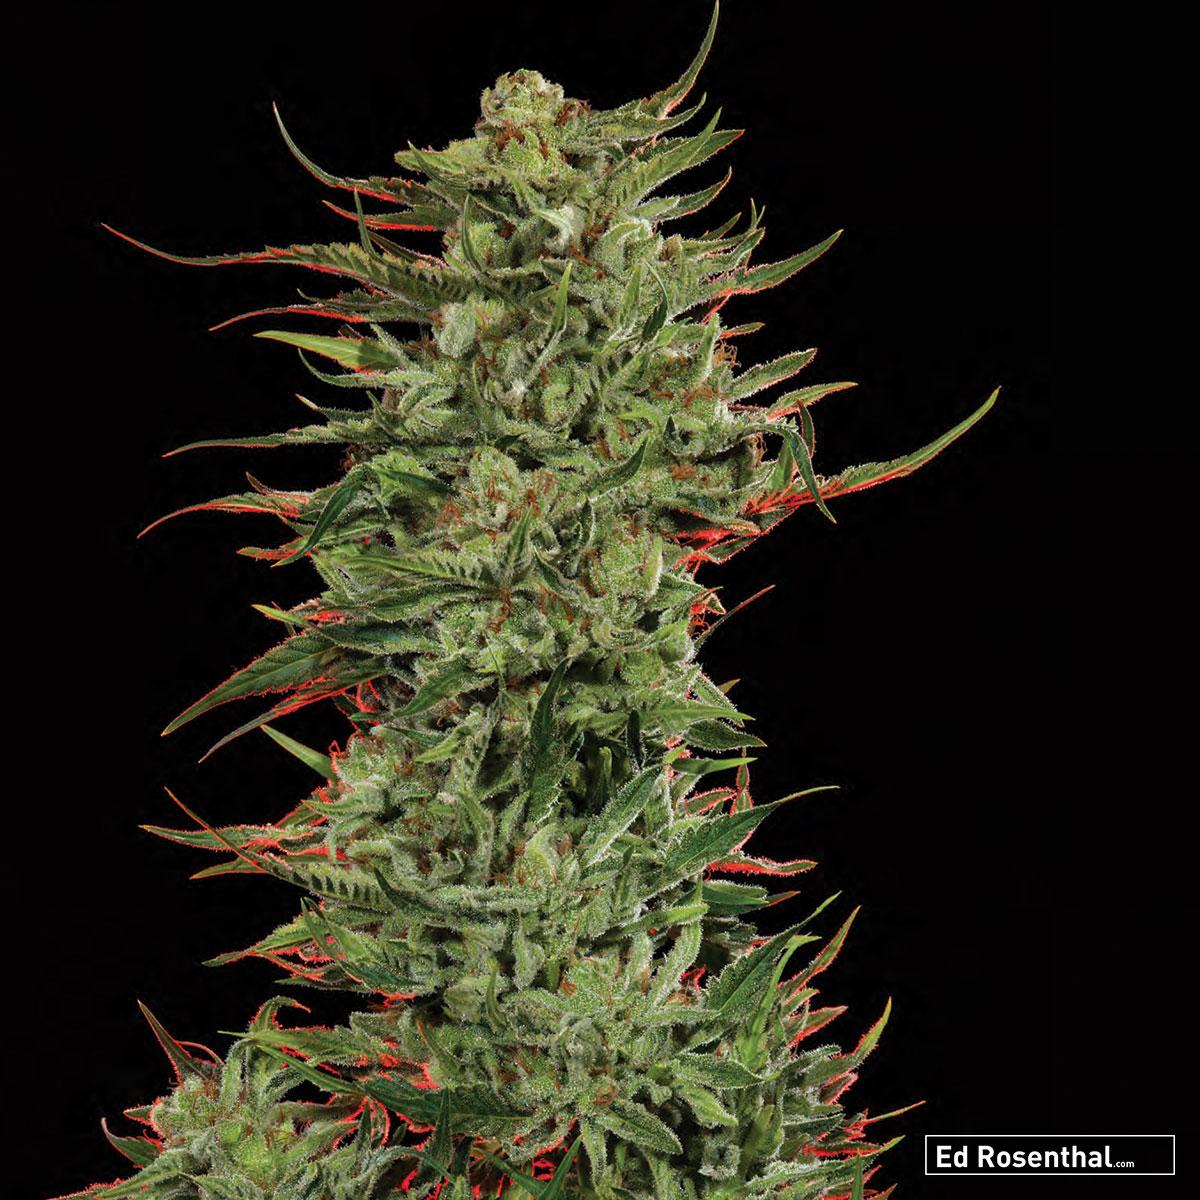 Crockett Family Farms  - 60 S / 40 I  - Dreamy, heady, relaxing  Strawberry, hash